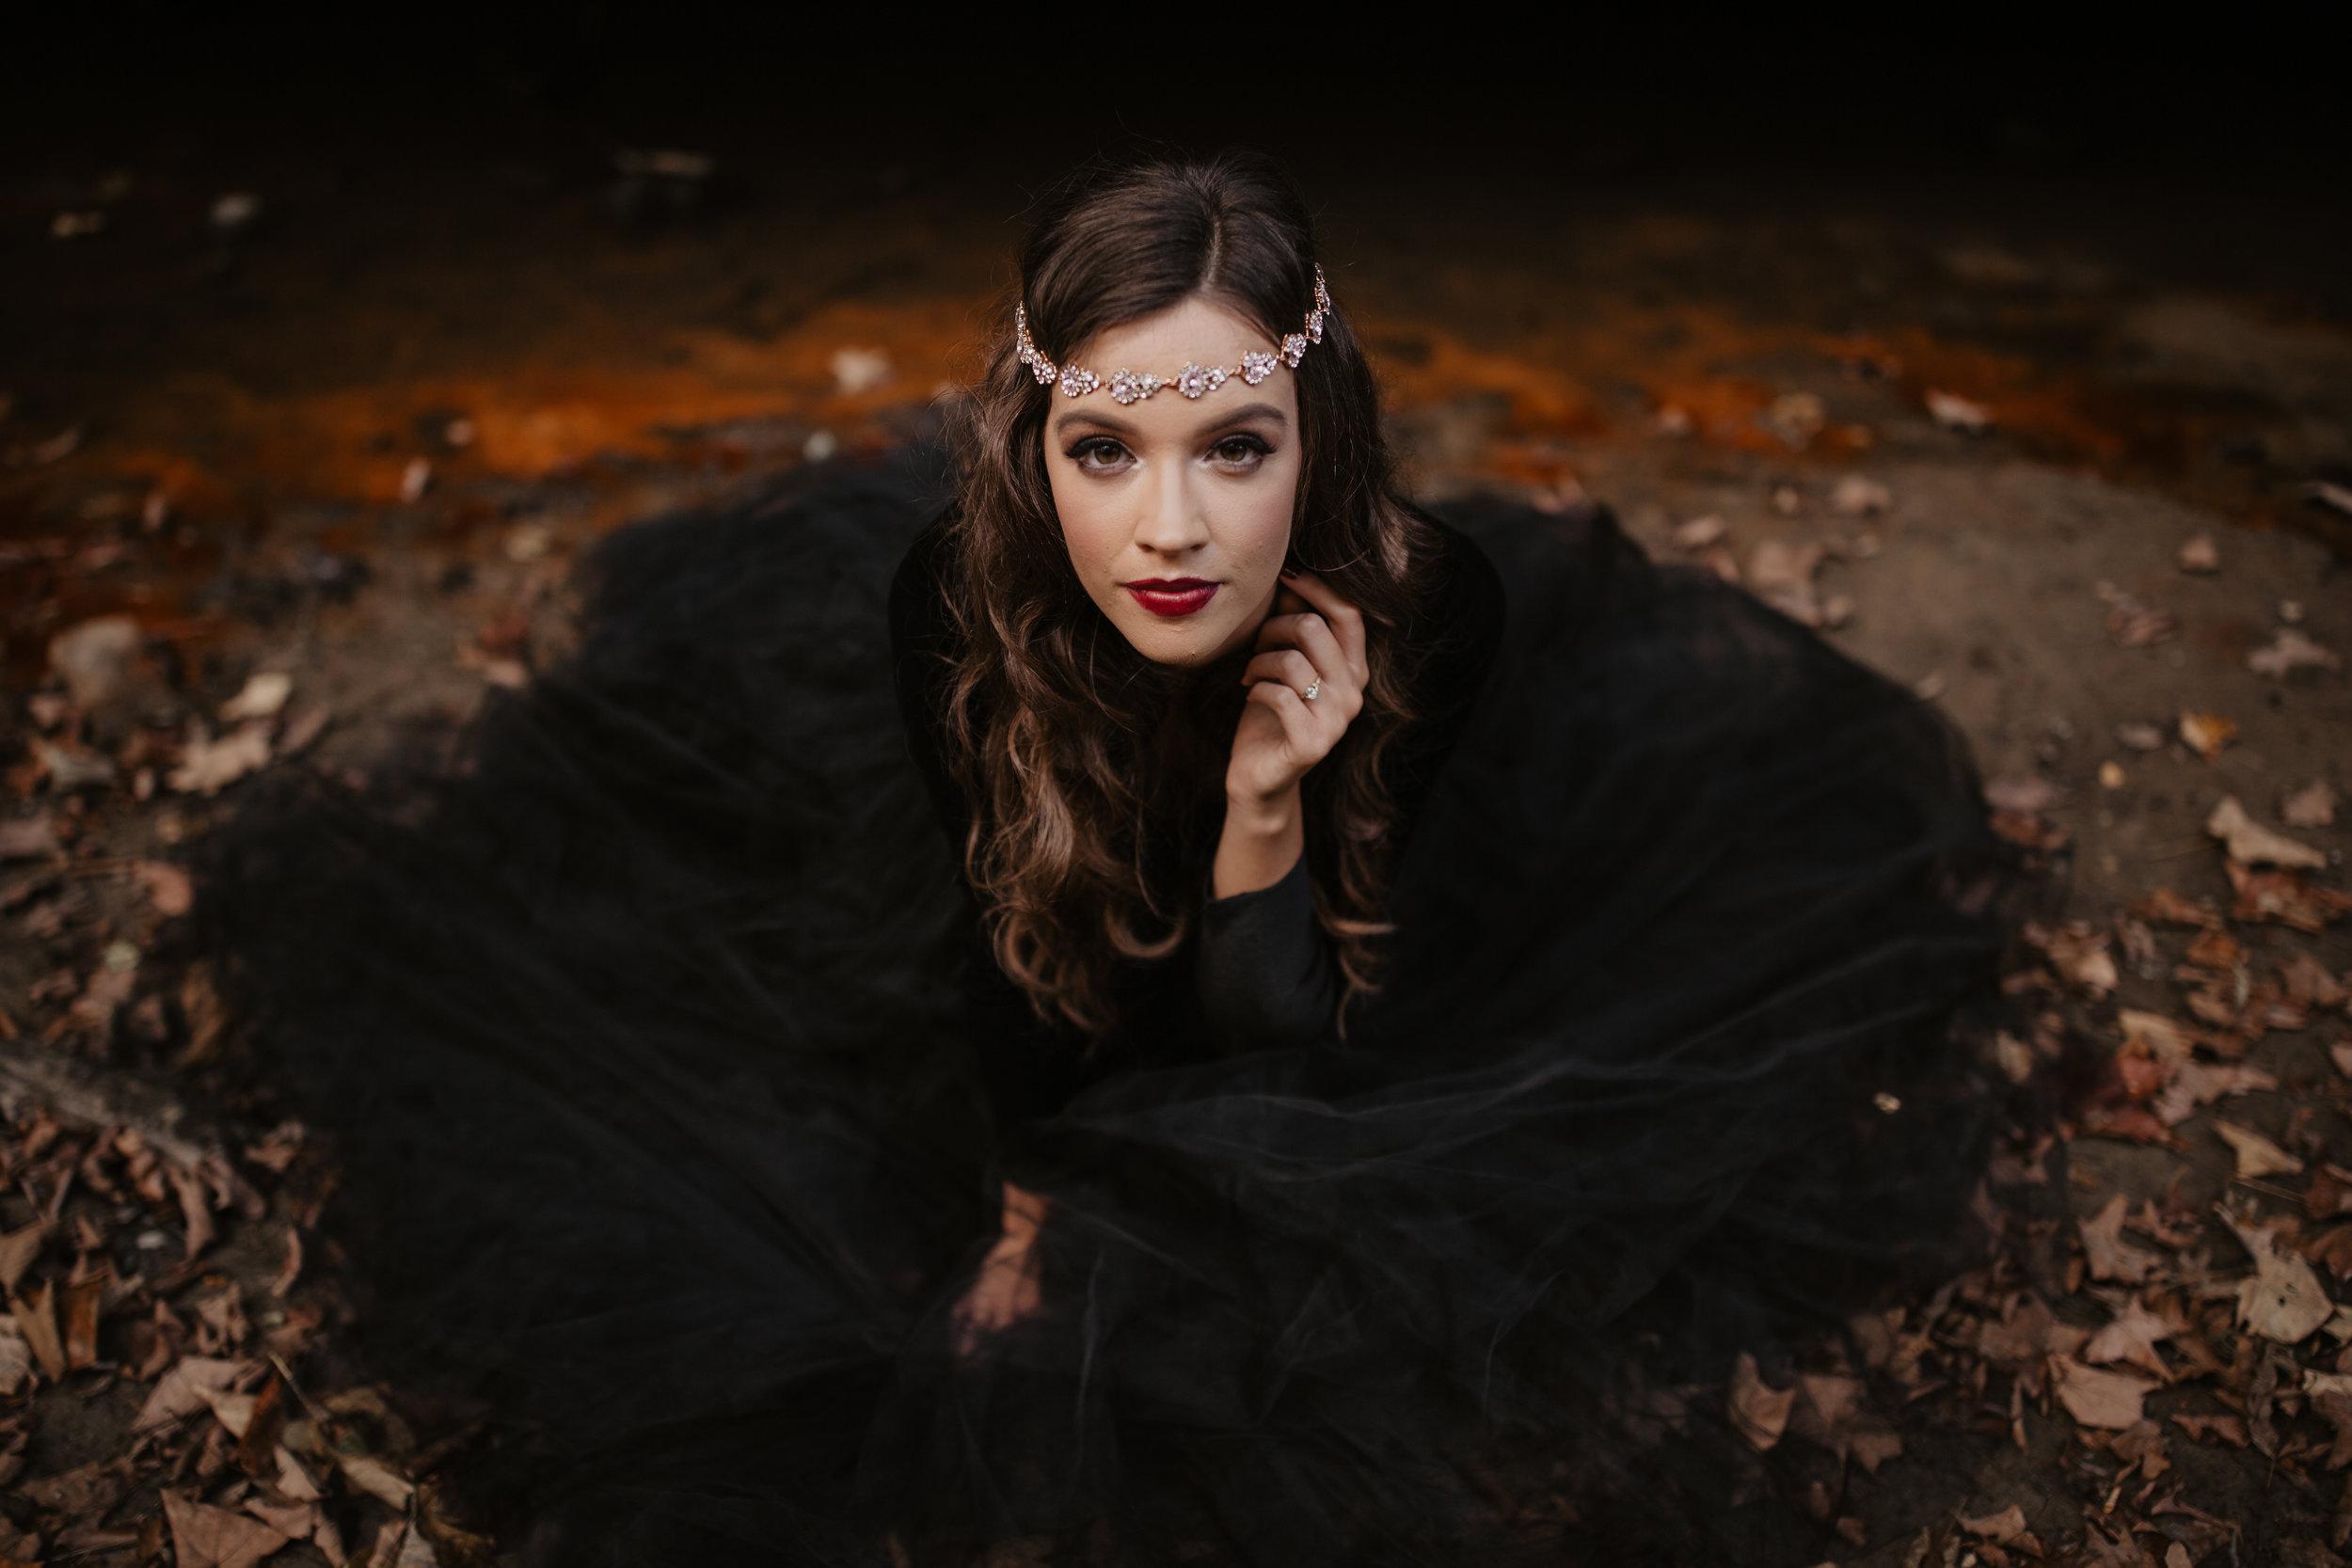 Gothic -3236.jpg